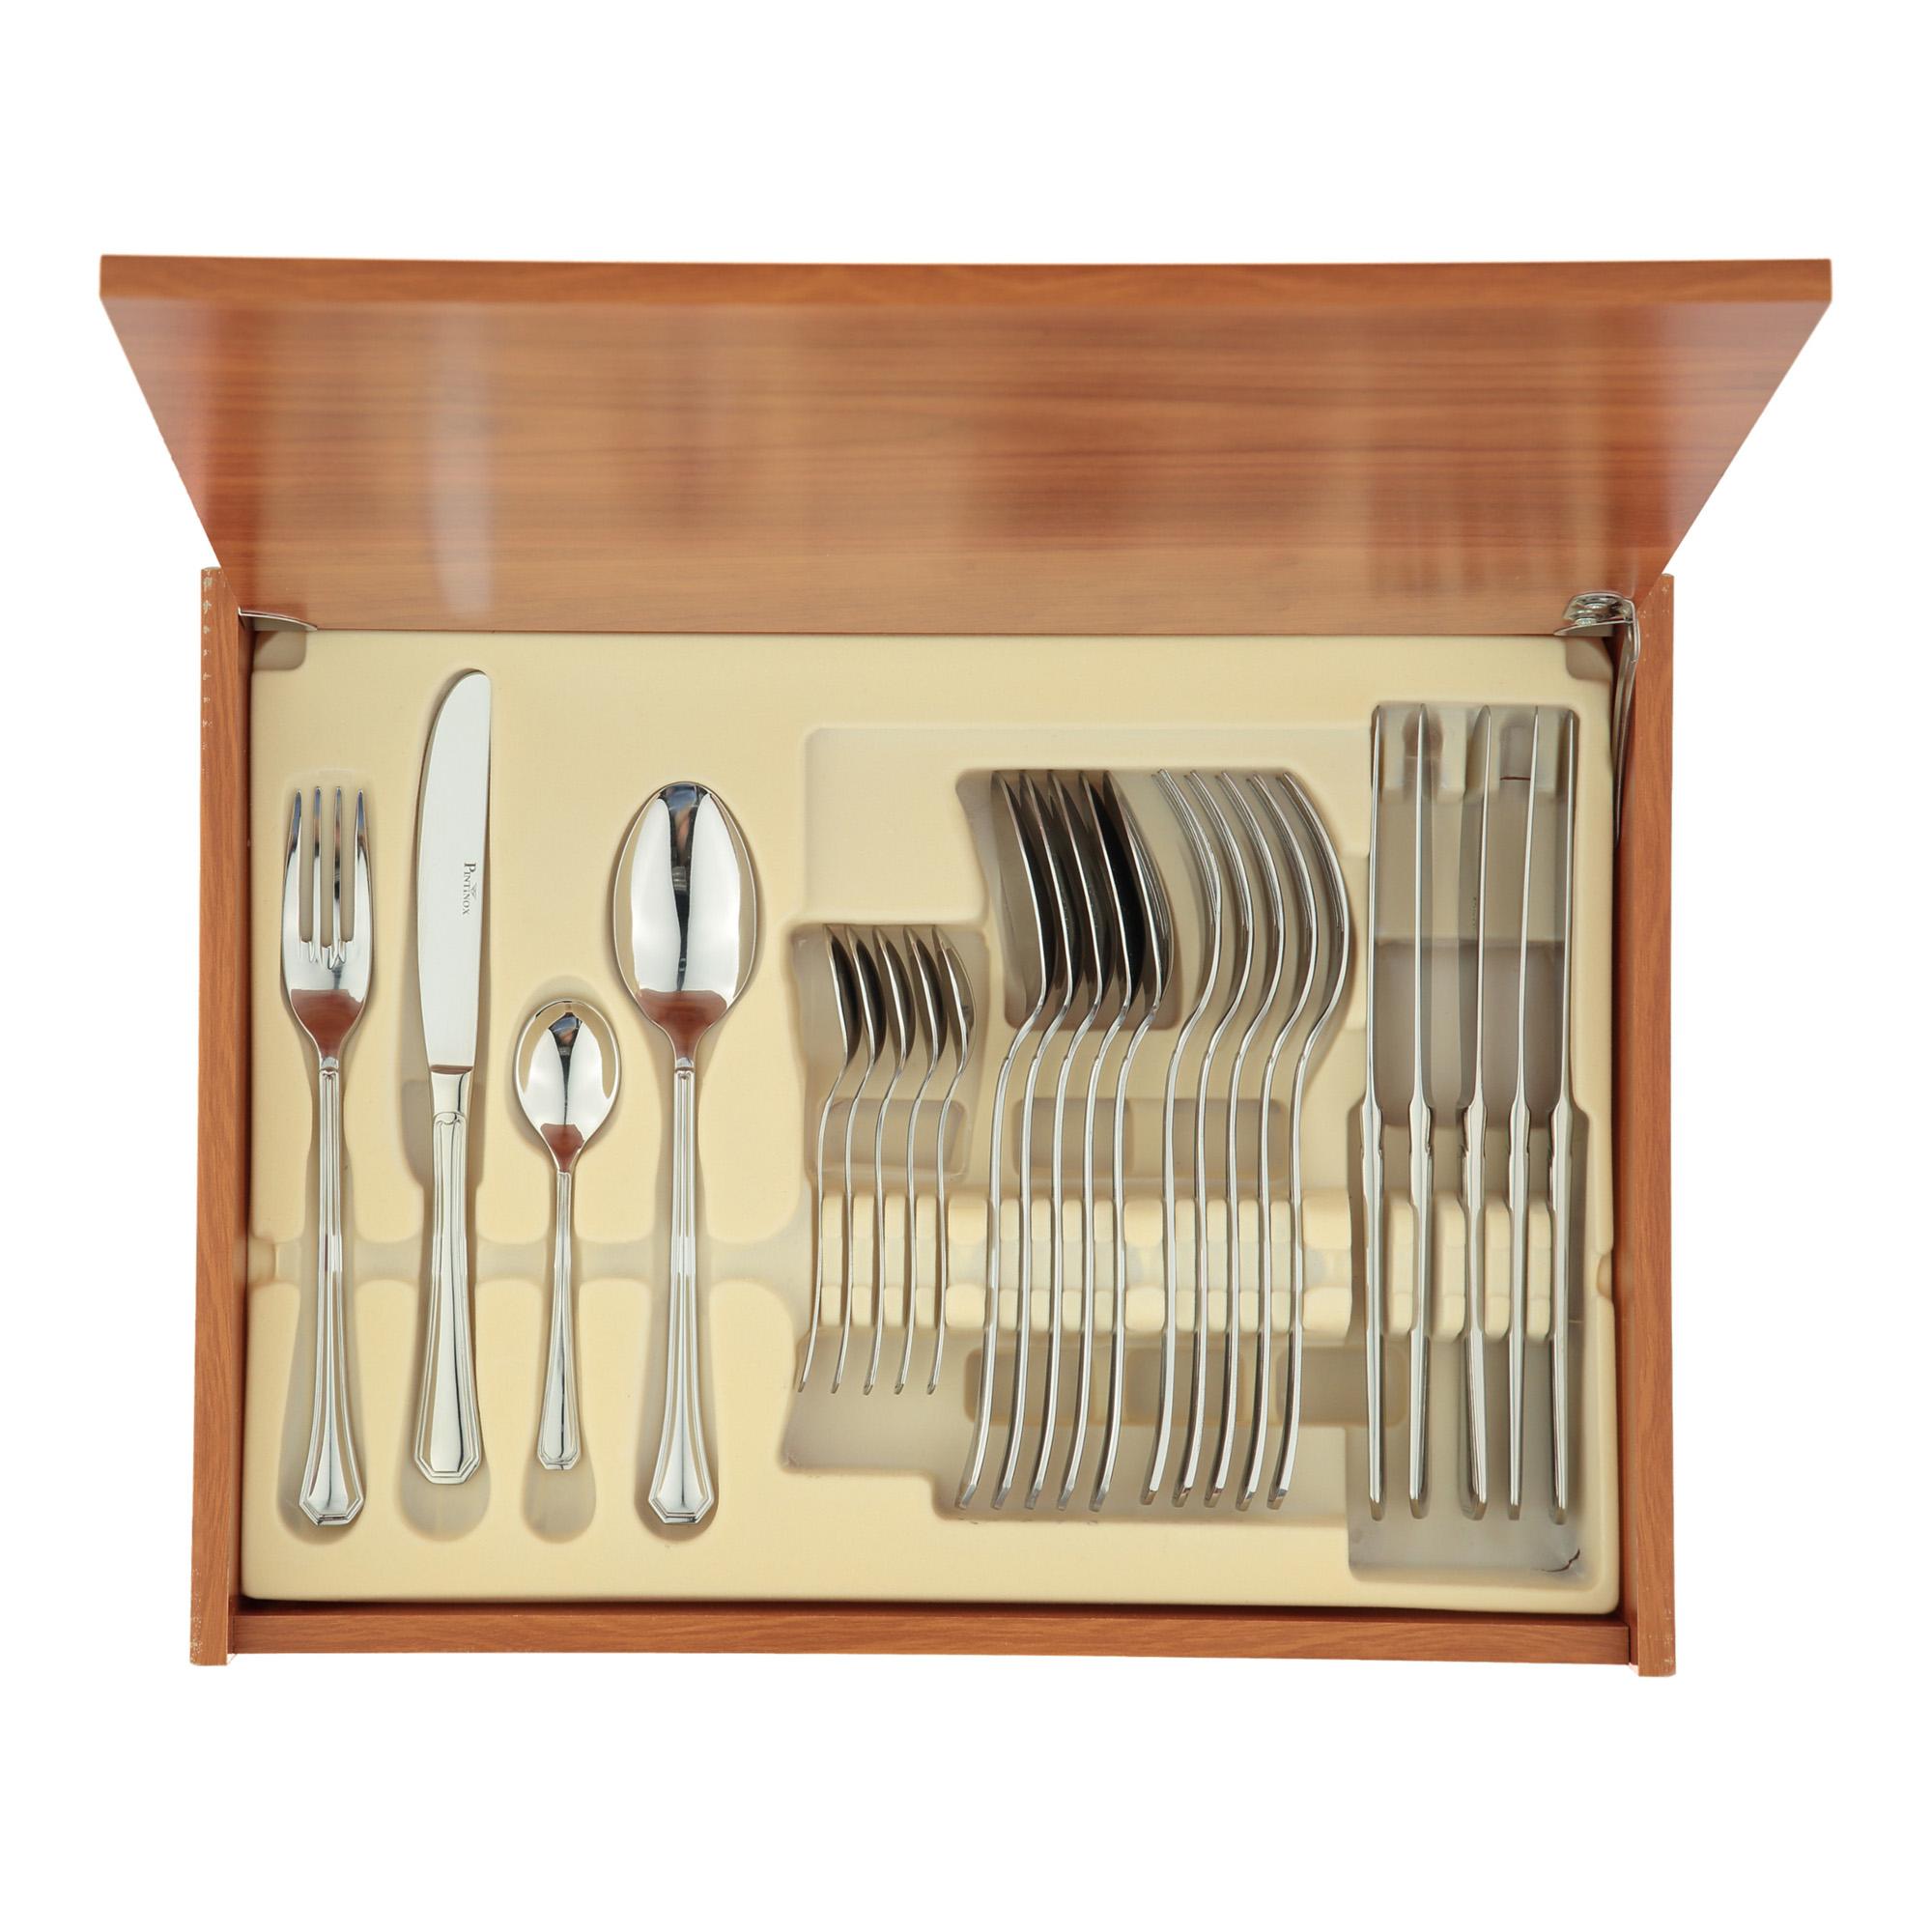 Купить Комплект столовых приборов AMERICA 24 предмета, Pintinox